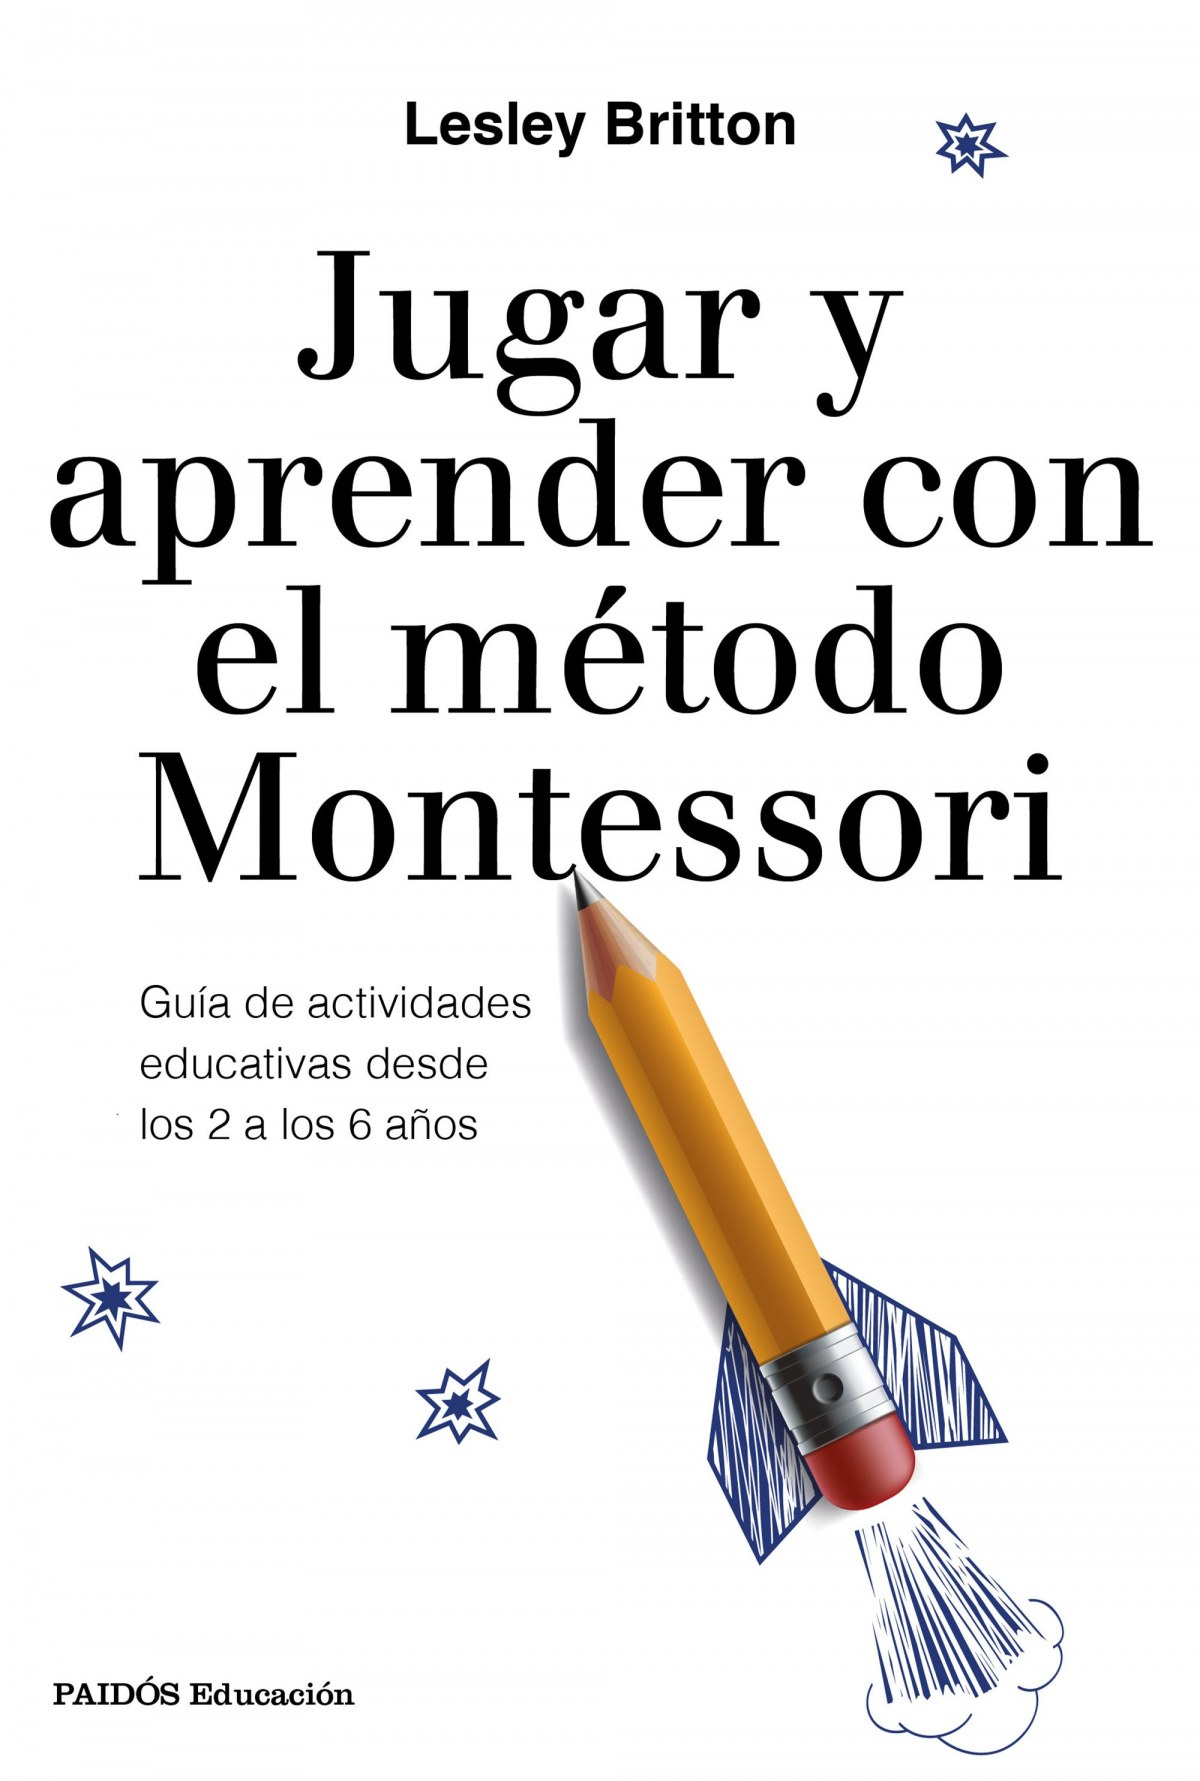 JUGAR Y APRENDER CON EL METODO MONTESSORI